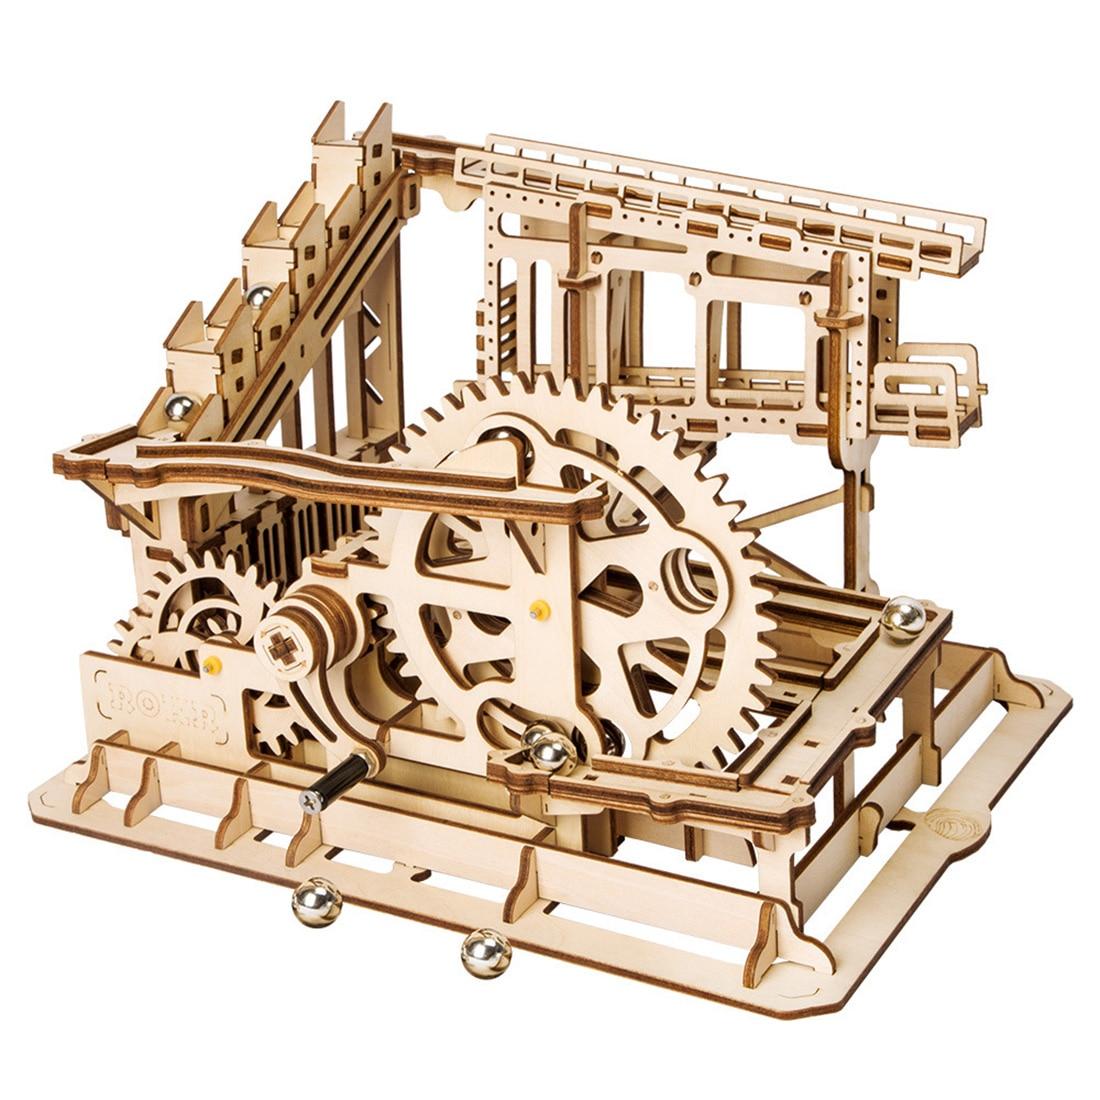 Rowsfire 1 Ensemble 3D bricolage Assemblé maison de poupée en bois Série Vapeur Tige Jouets Marble Run Modèle Kits de Construction-Tour Coaster LG502